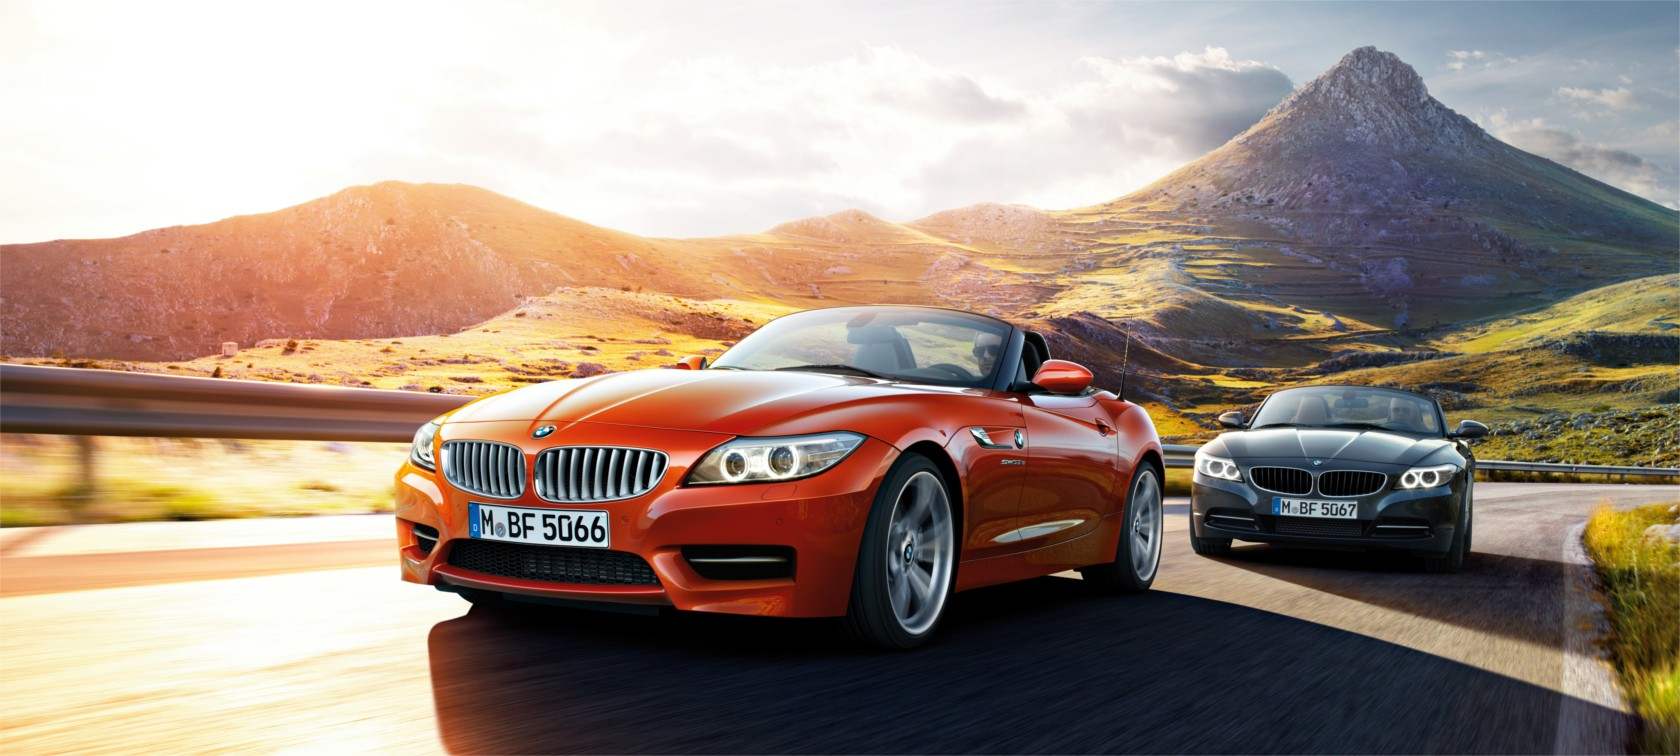 BMW Z4の購入前に知っておくべきメンテナンスの注意点